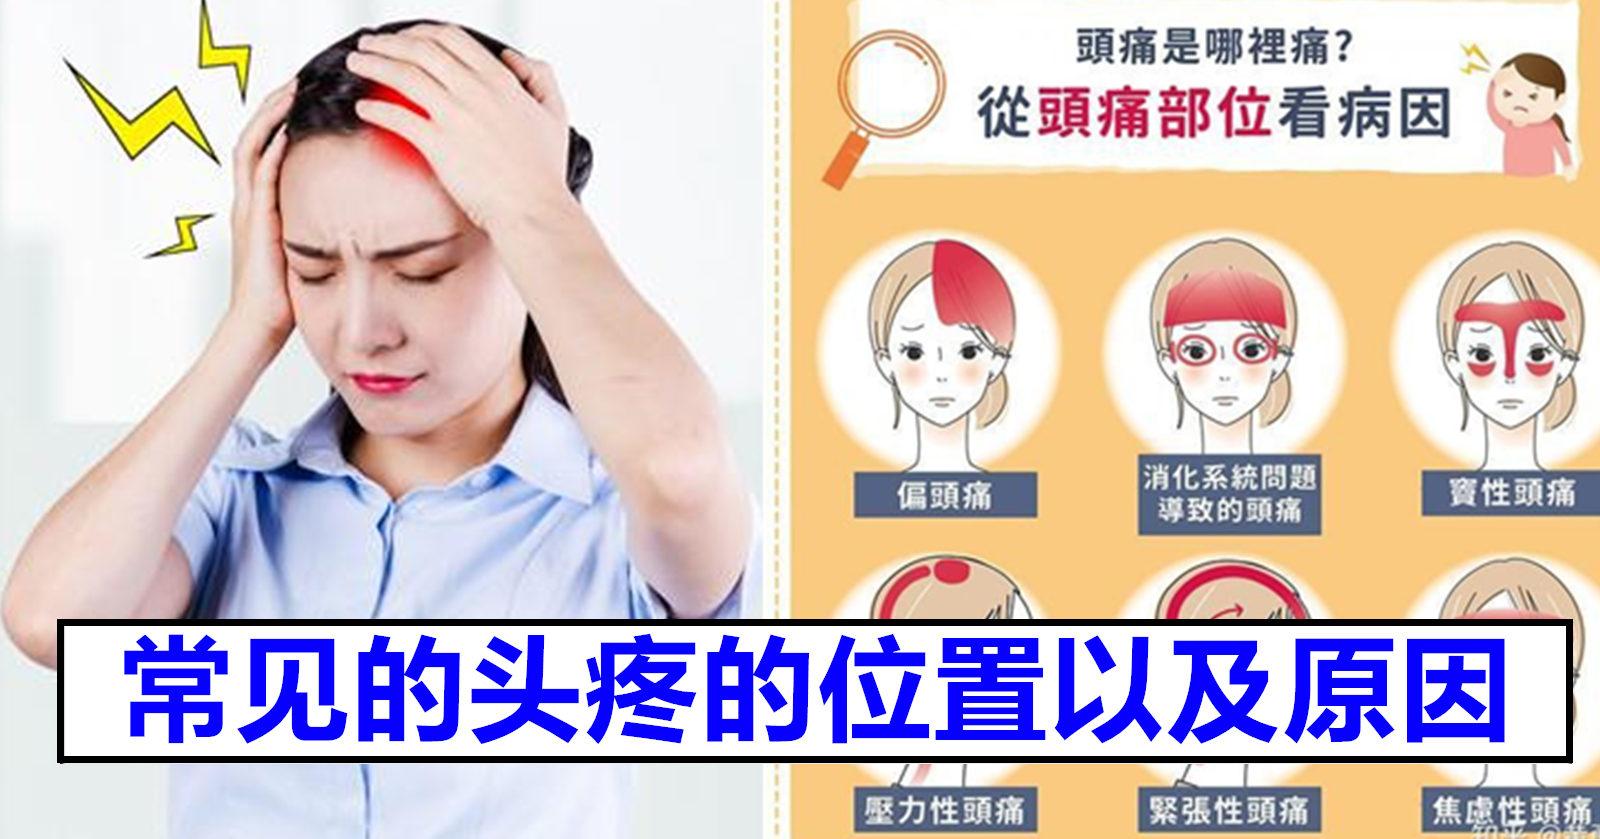 原因 偏 頭痛